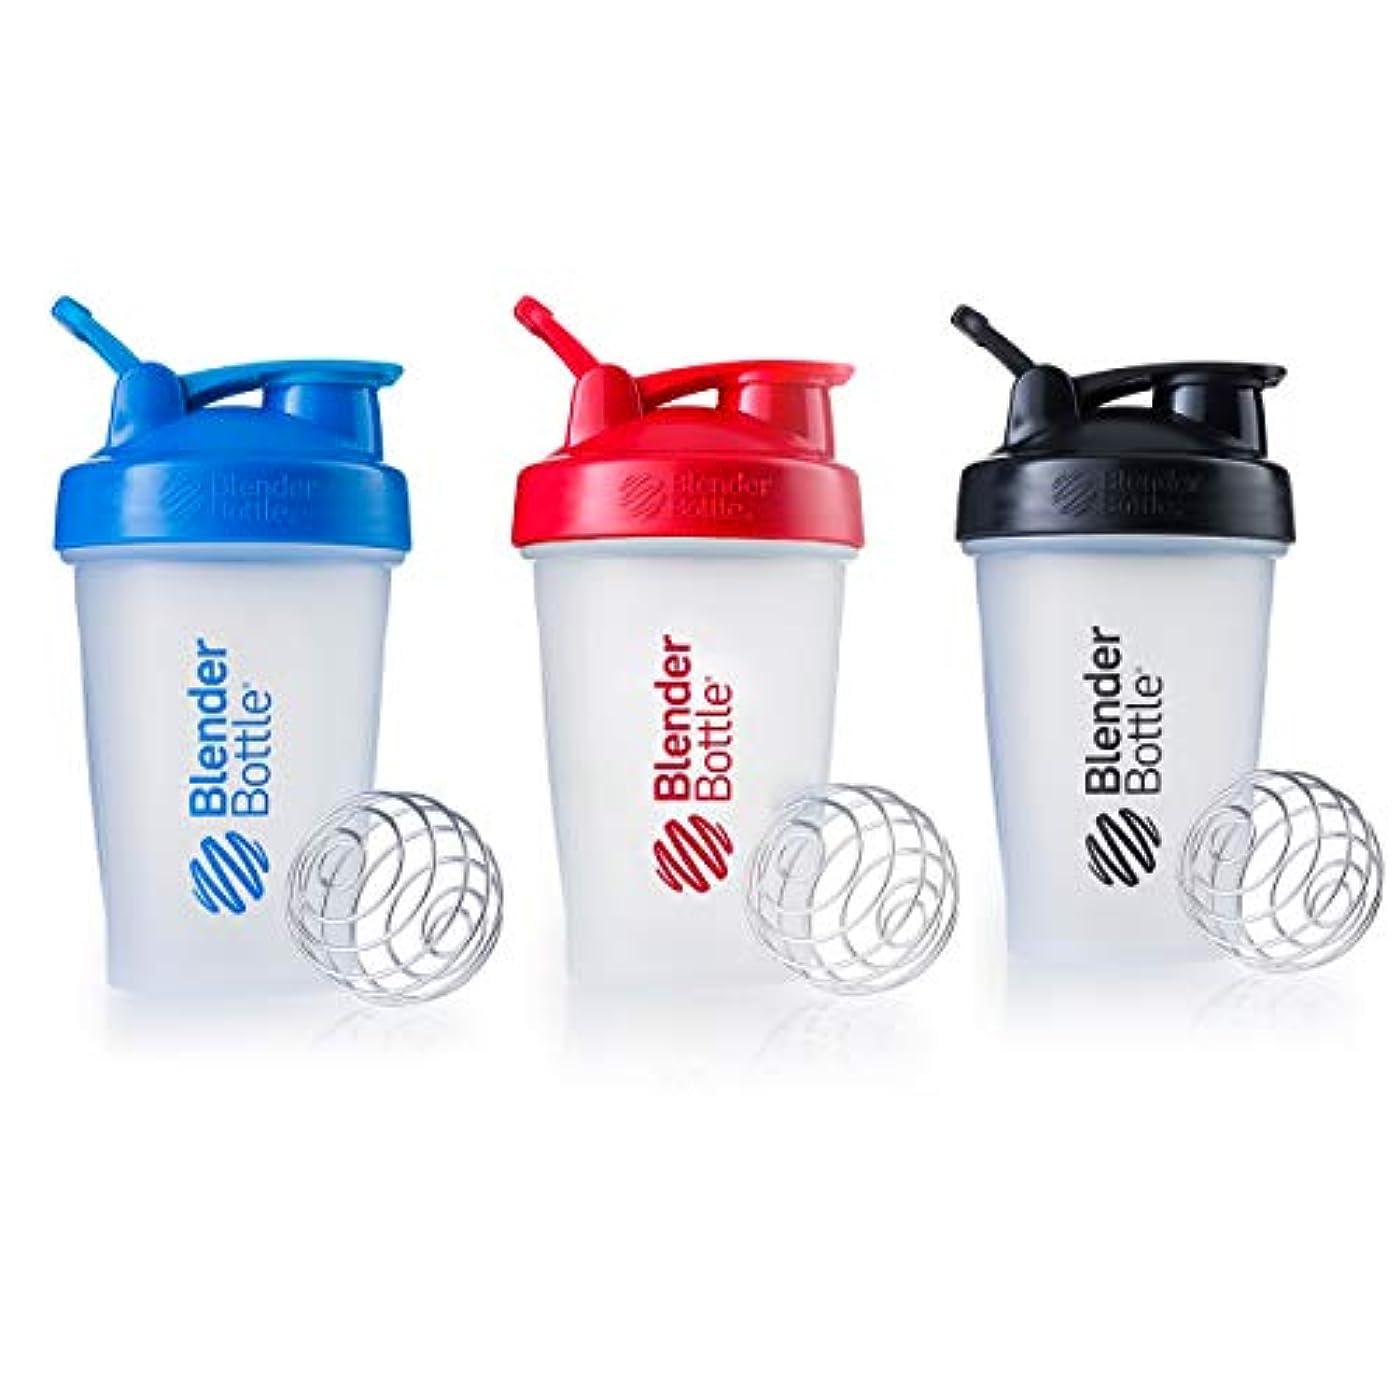 非難する疑問を超えて天国Blender Bottle with Shaker Ball 20 Oz, (Blue, Red, Black) by Blender Bottle